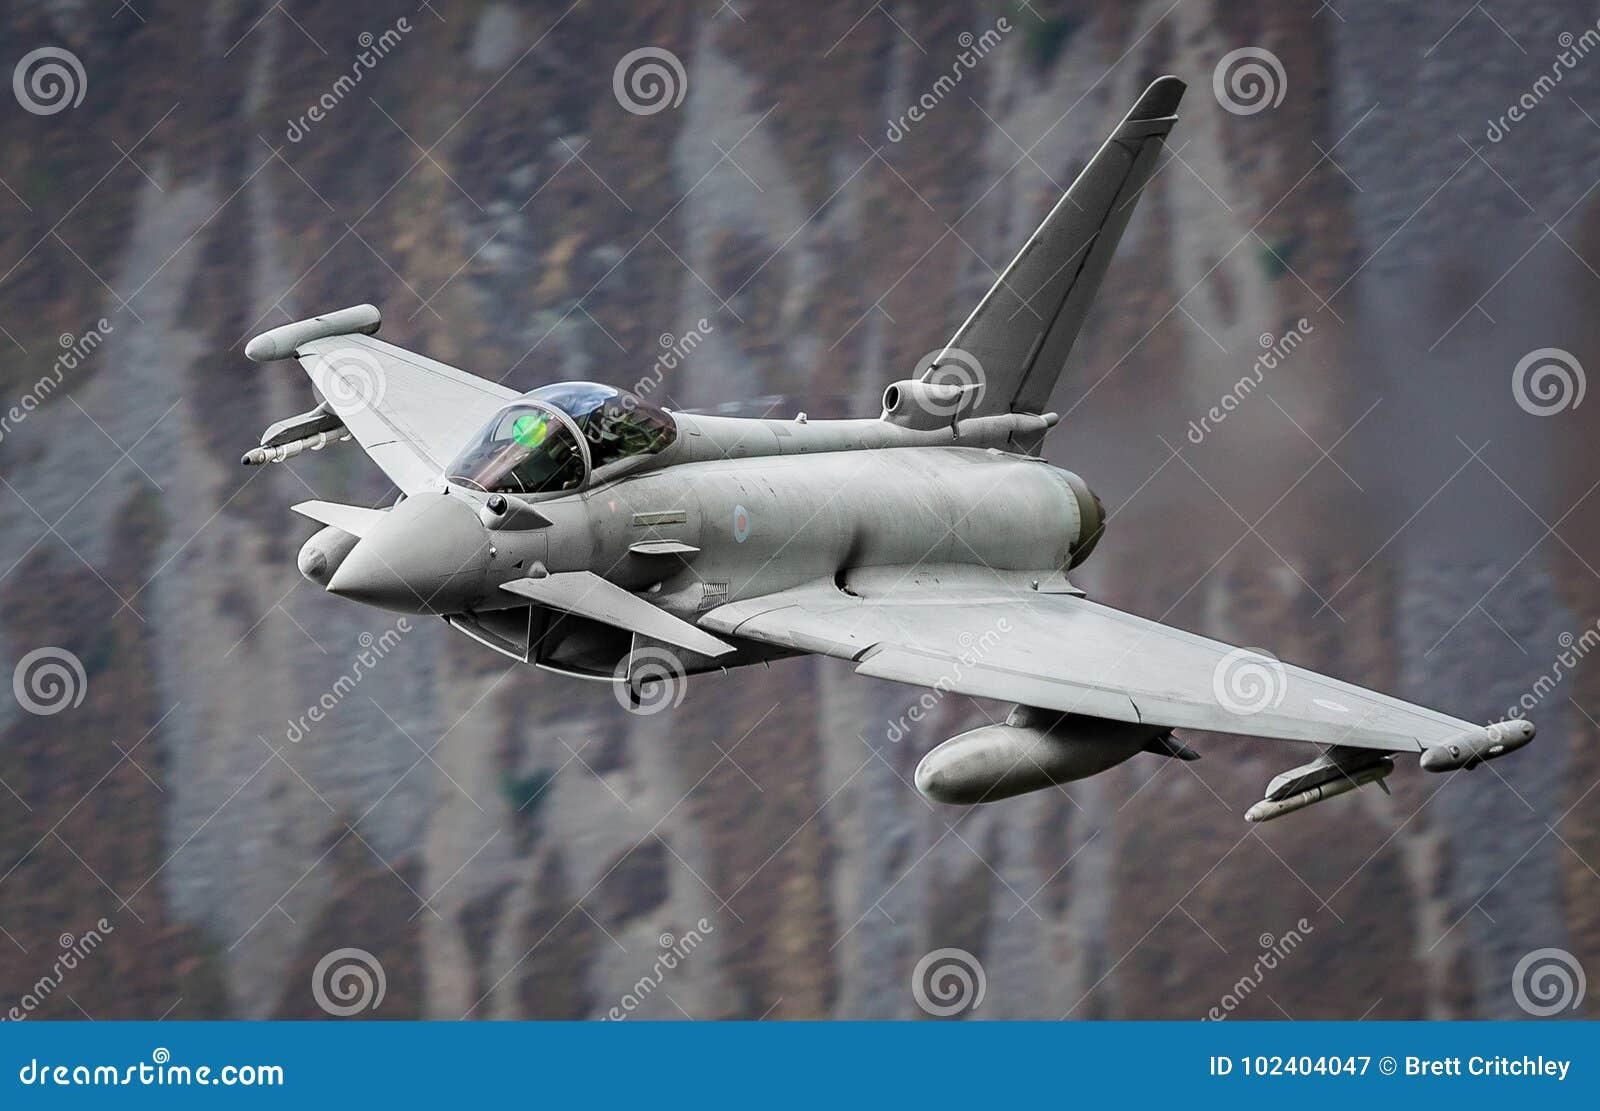 Реактивный истребитель тайфуна Eurofighter